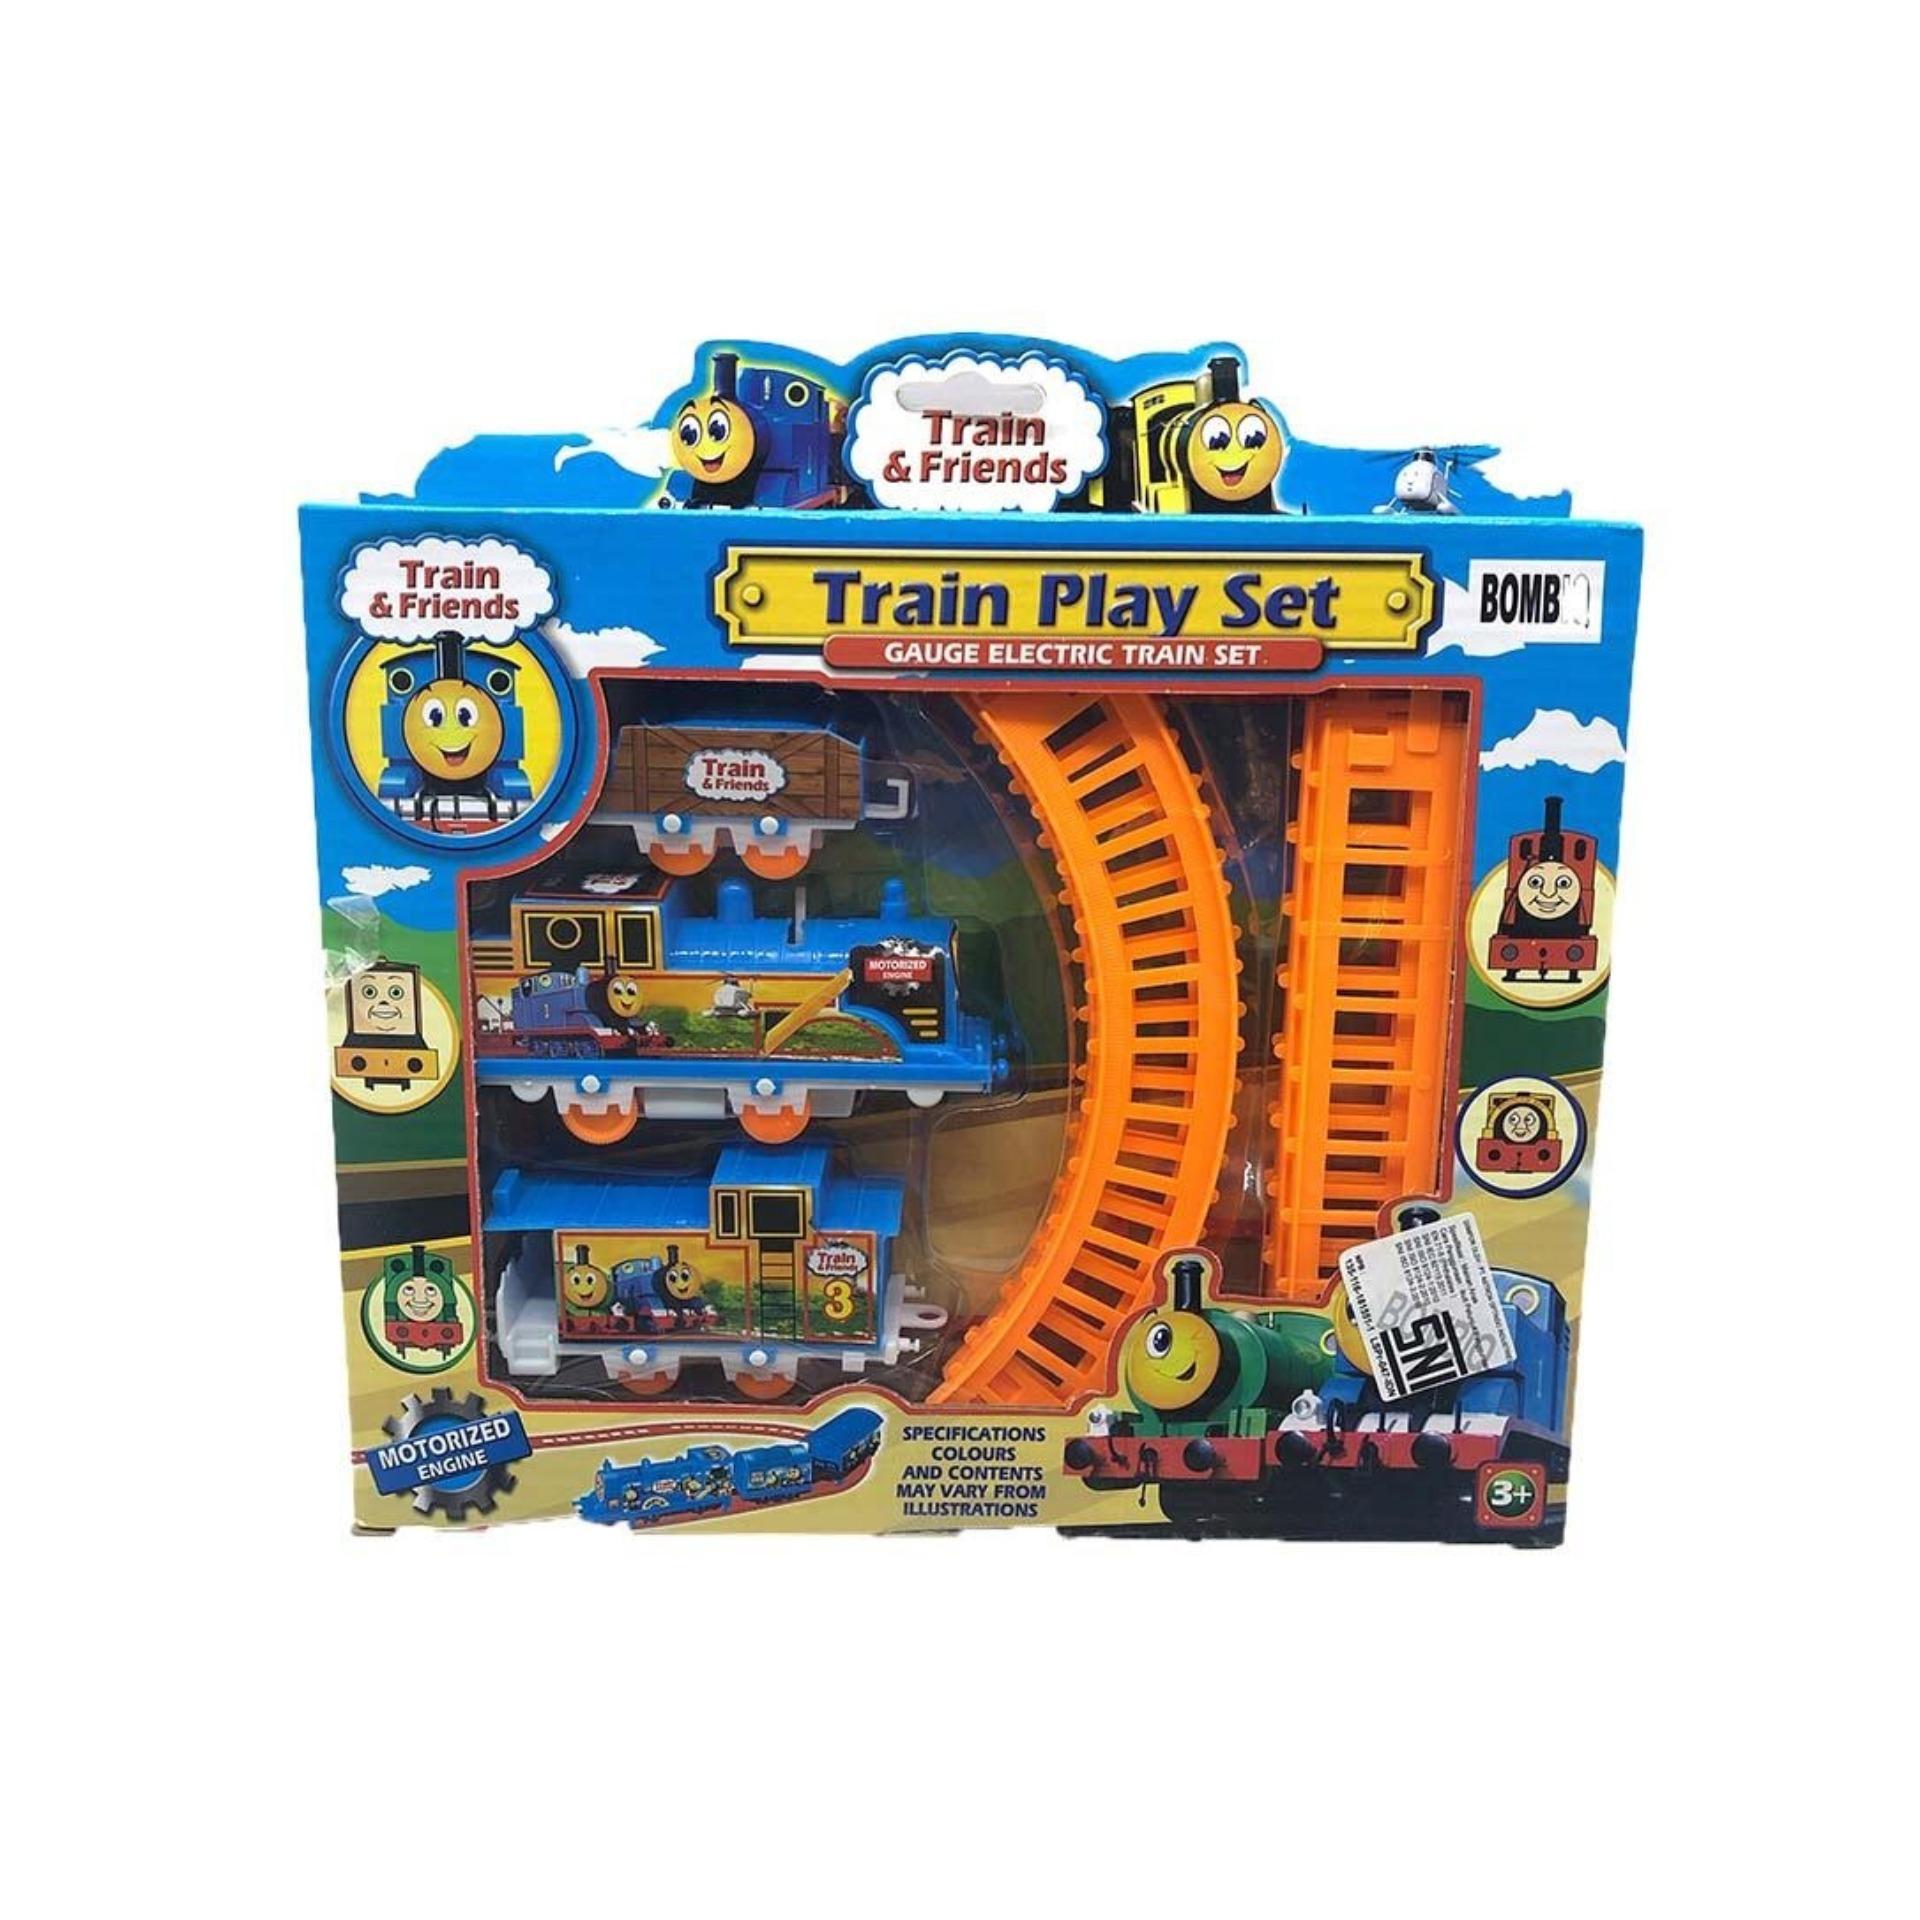 Mesh TRAIN PLAY SET - Mainan Anak Kereta Api Set Rel Dan Gerbong All In One Electric Train Set - 1